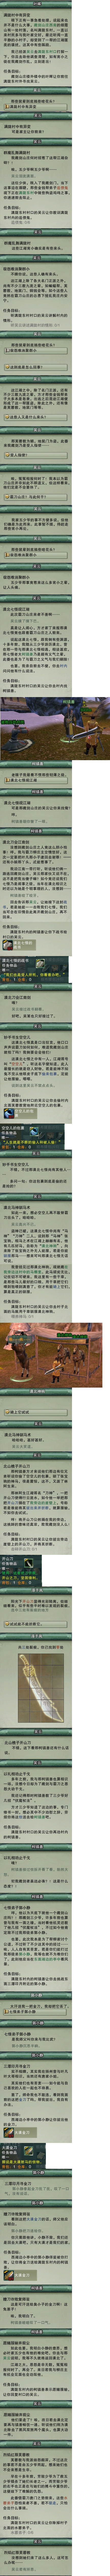 主线任务02 - 满陇东村.jpg